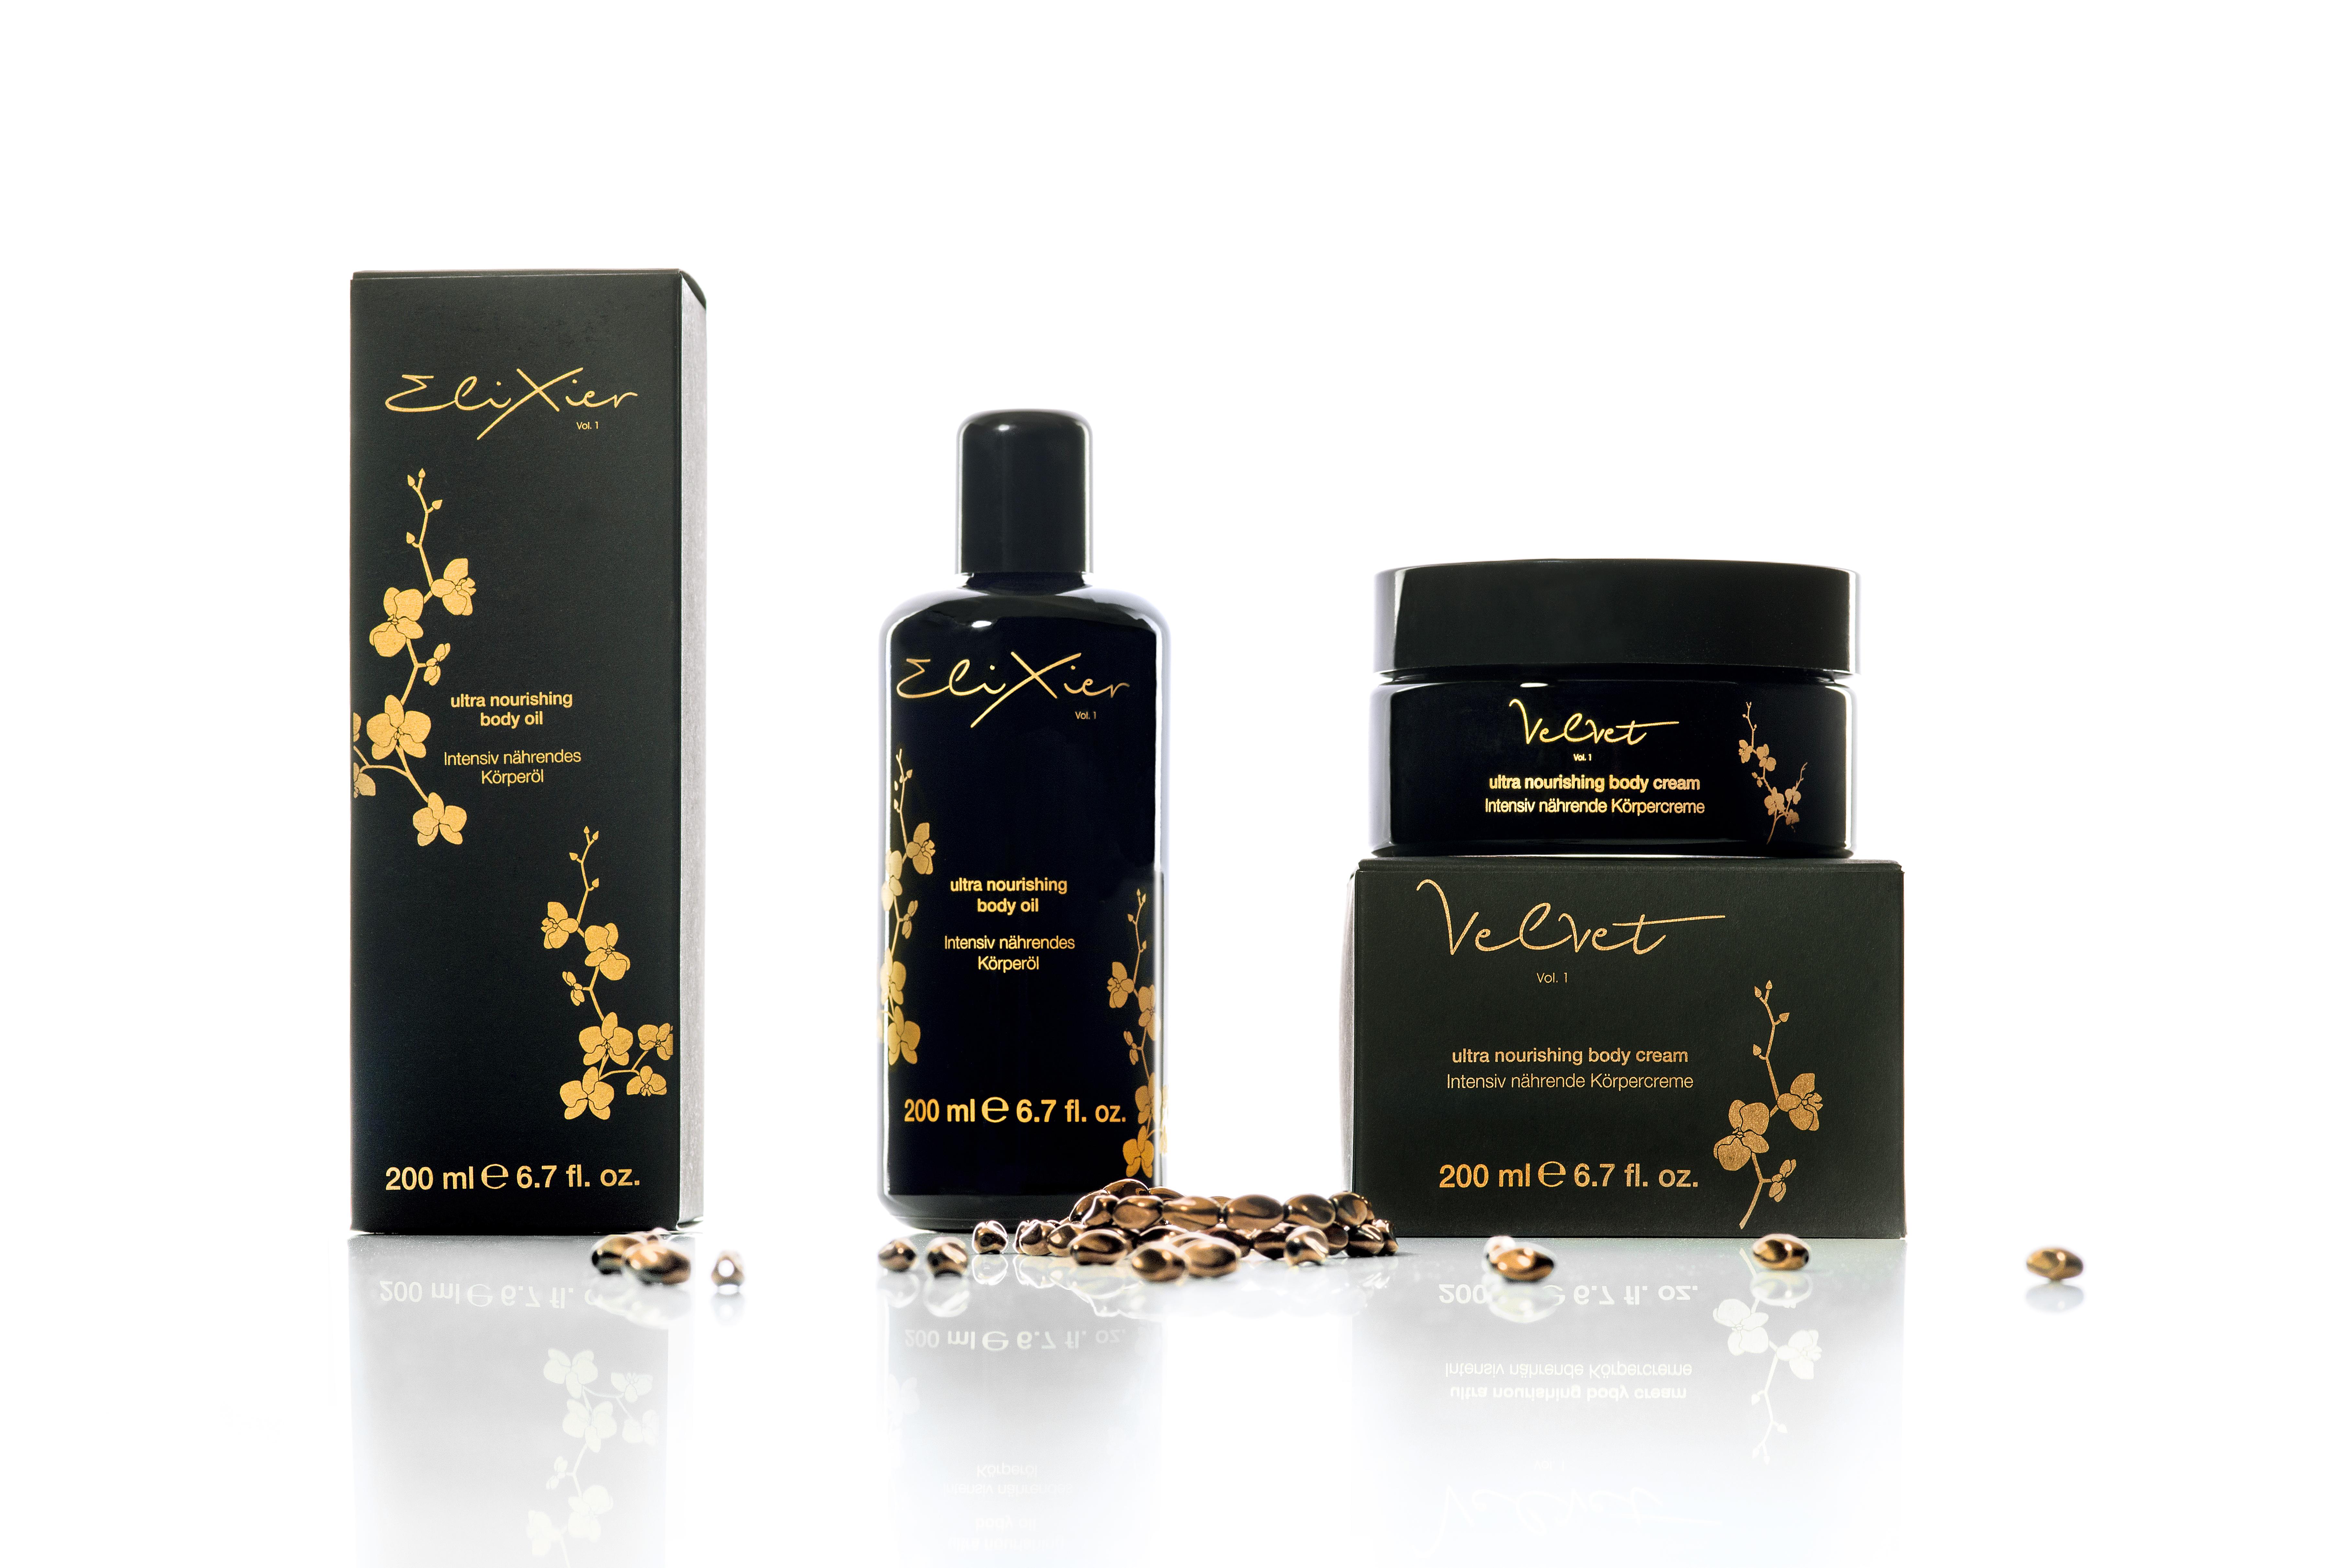 Hautpflegeprodukt für Körper - Öl - Creme - Hautpflegeprodukte Marken wie Elixier und Velvet